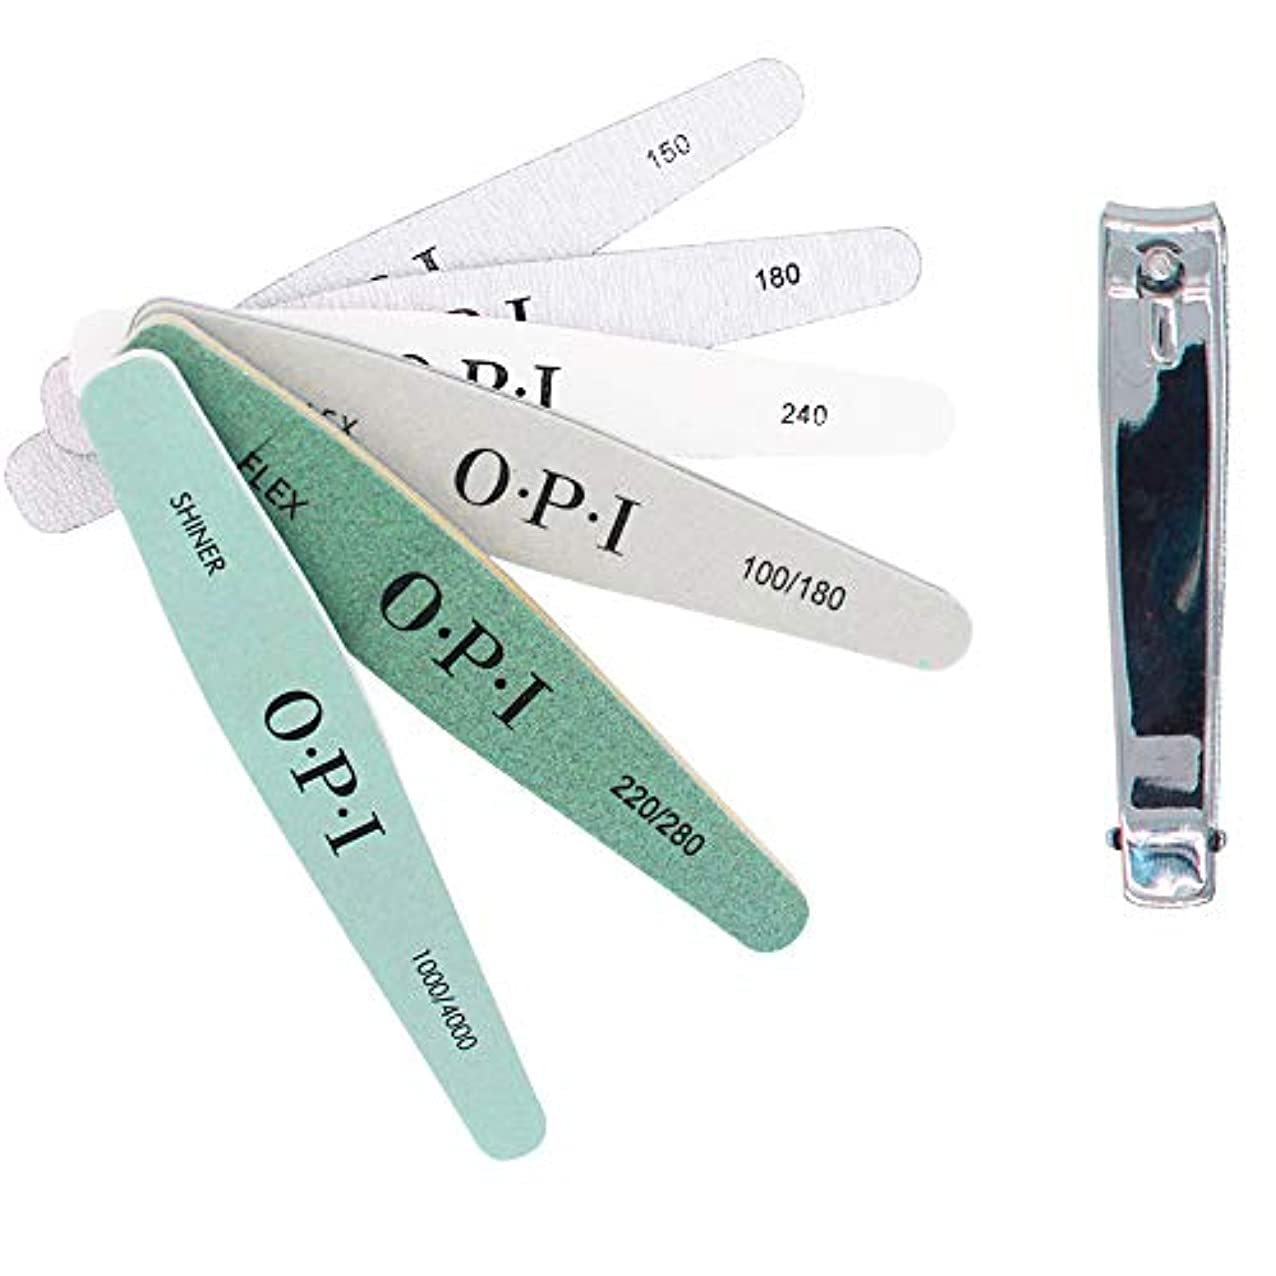 厳しい里親パスタKINYOOOスポンジファイル、爪やすり、ネイルをつやつやに、のネイルツール、 150/180/200/240/280/1000/4000と(1 PCSメタルネイルはさみ)、ネイルケア用化粧マニキュアペディキュアセット。